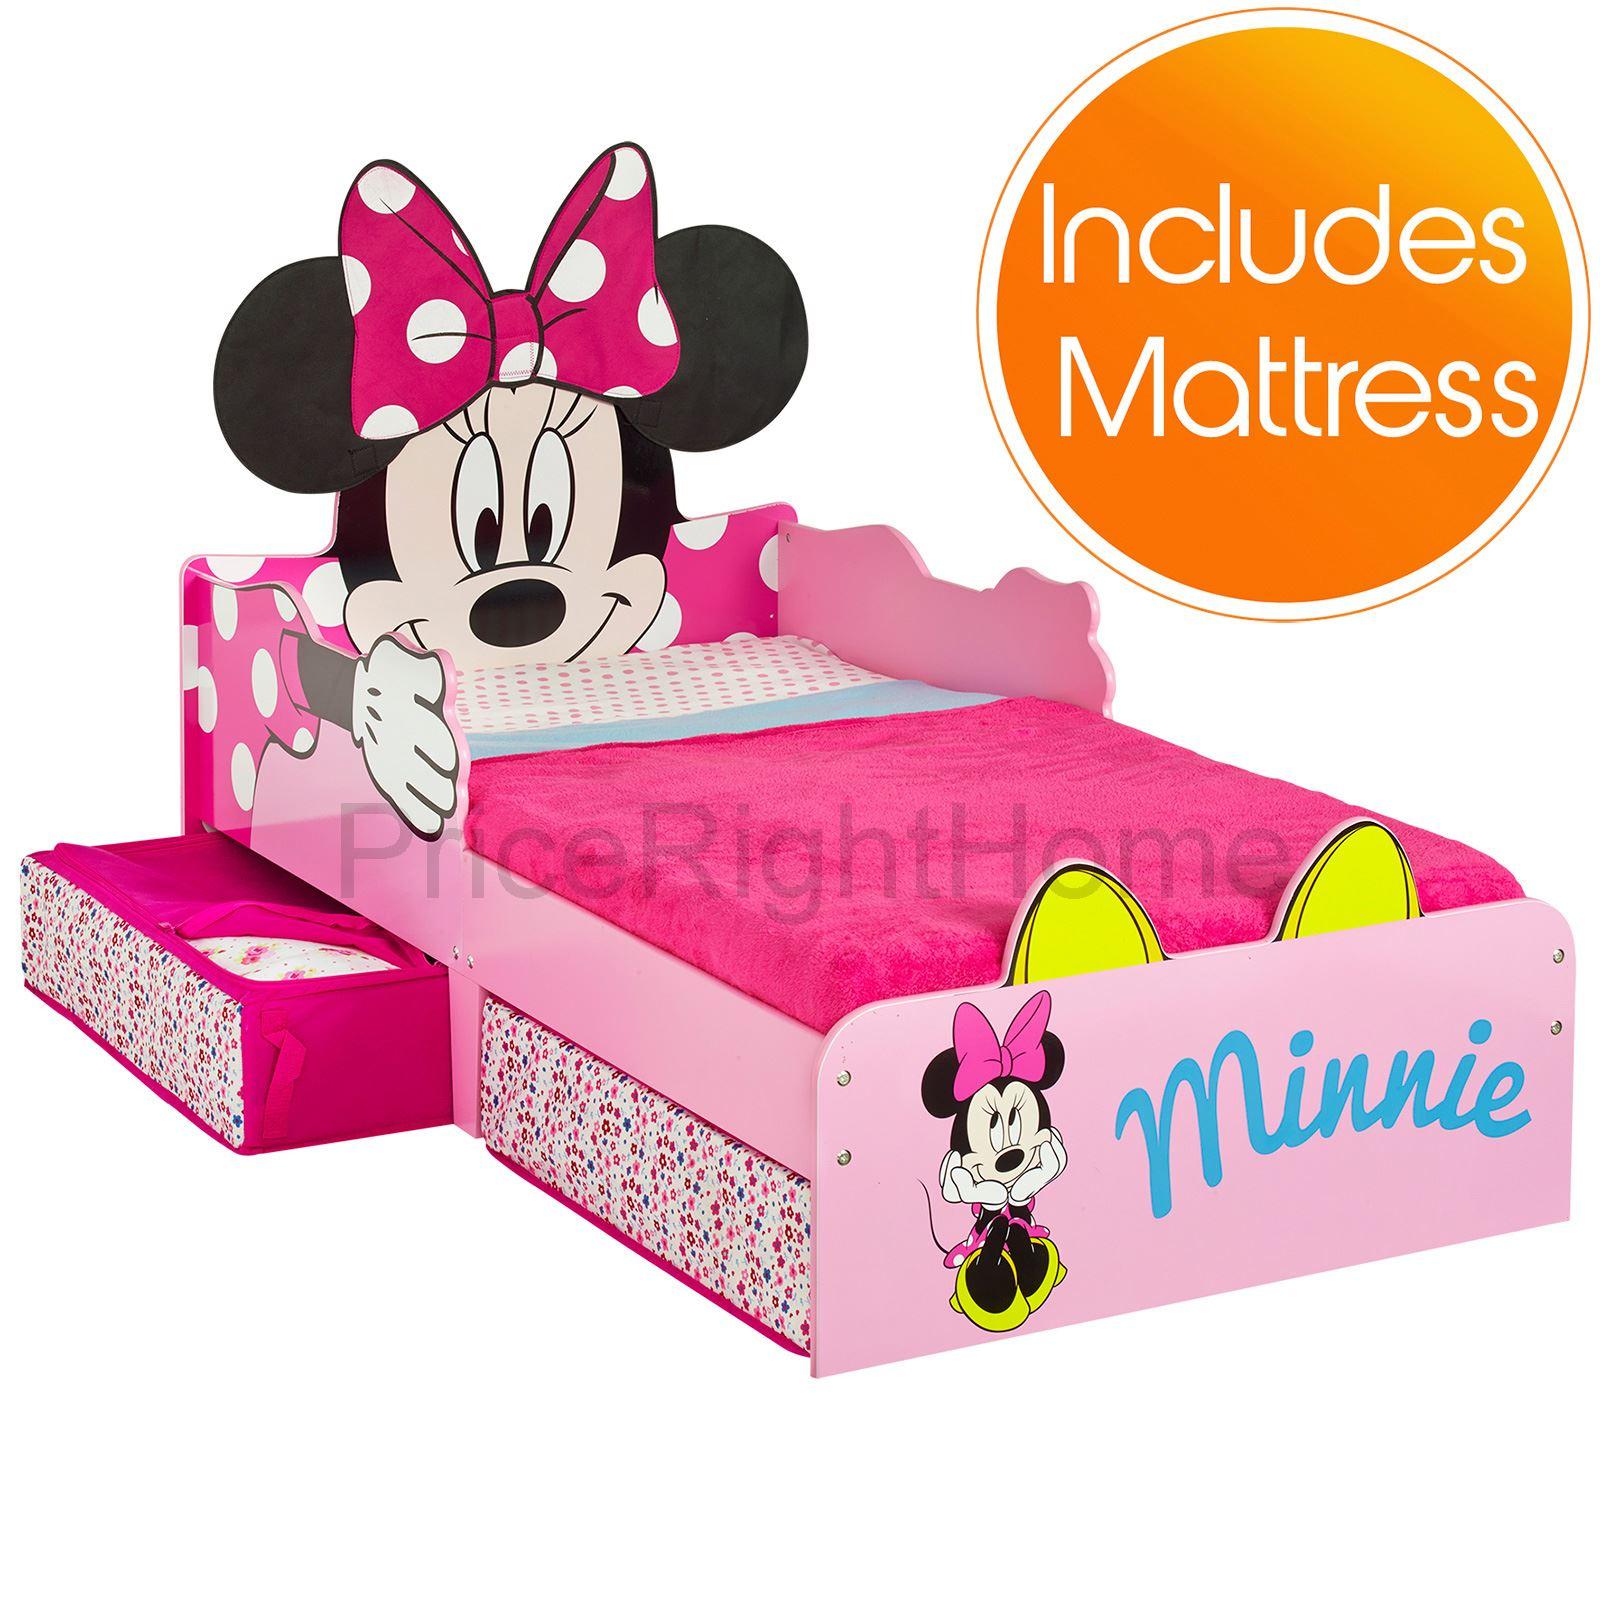 minnie mouse mdf kleinkind bett mit lager neue matratze ebay. Black Bedroom Furniture Sets. Home Design Ideas